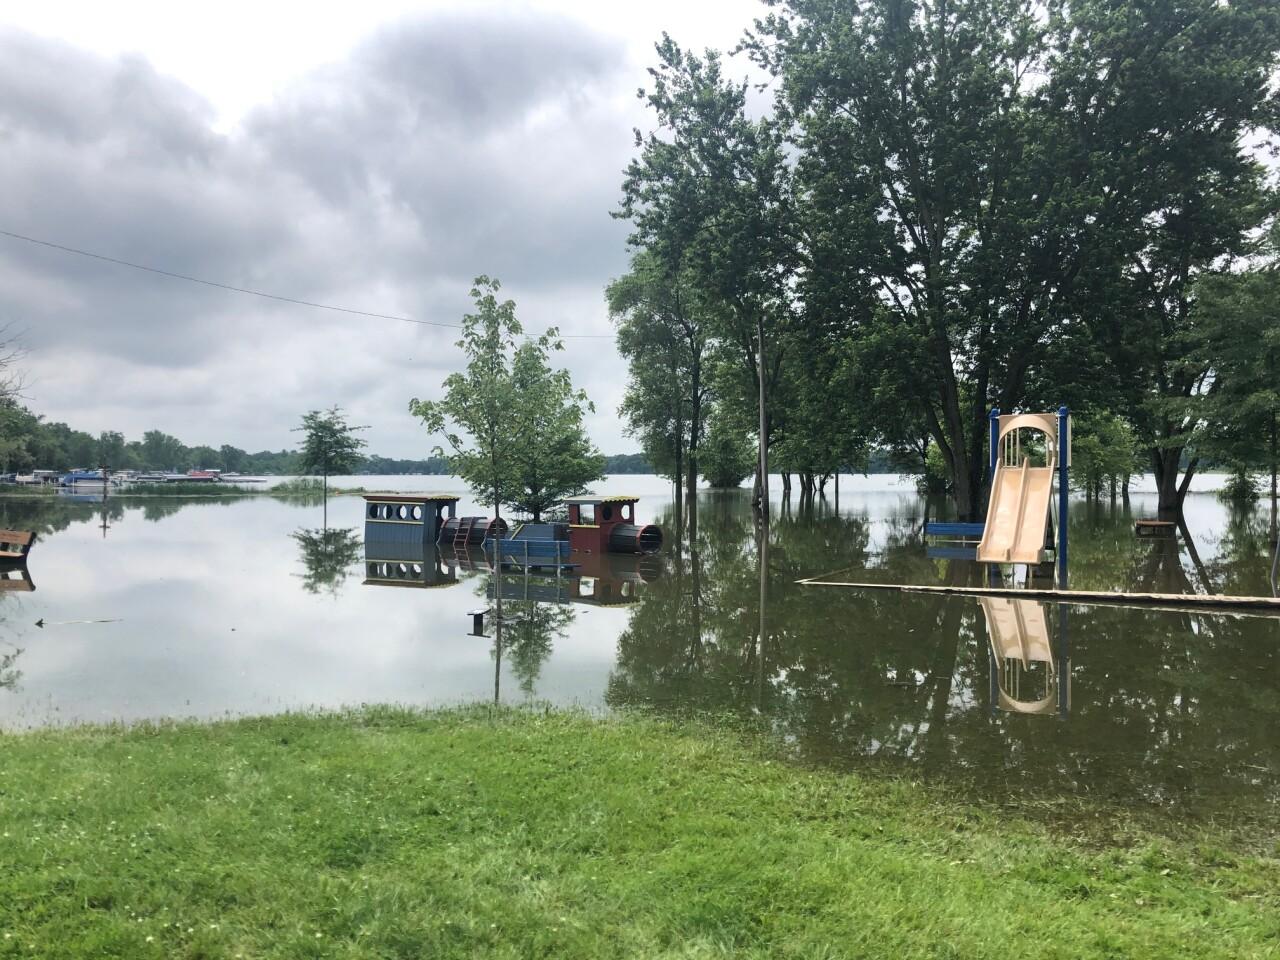 lake chippewa flooding 5